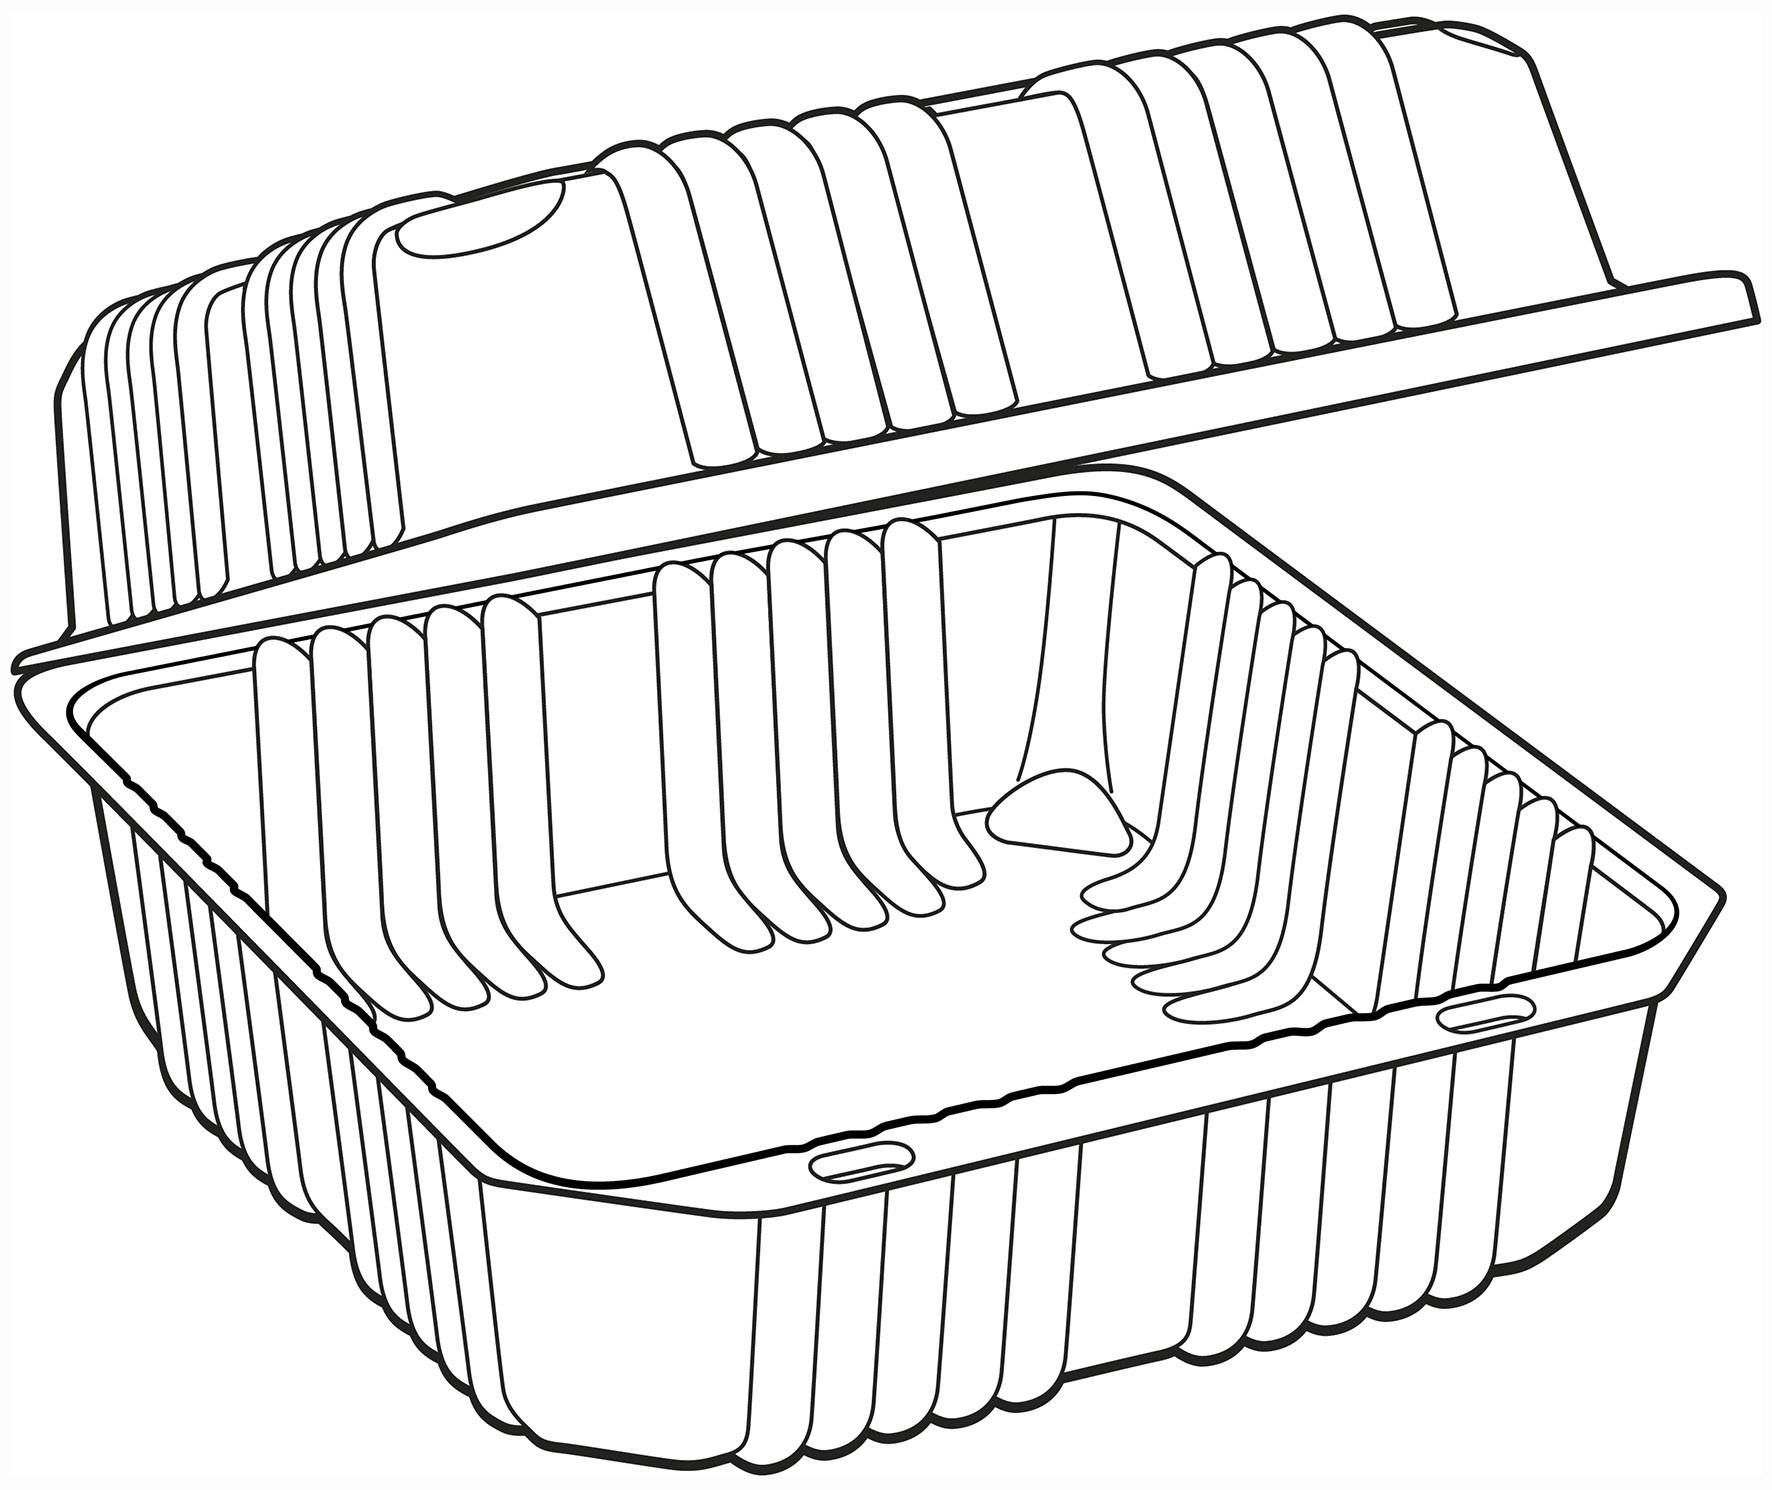 Plastové obaly, misky, tácky z fólií s certifikátem hygienické nezávadnosti, výroba, e-shop